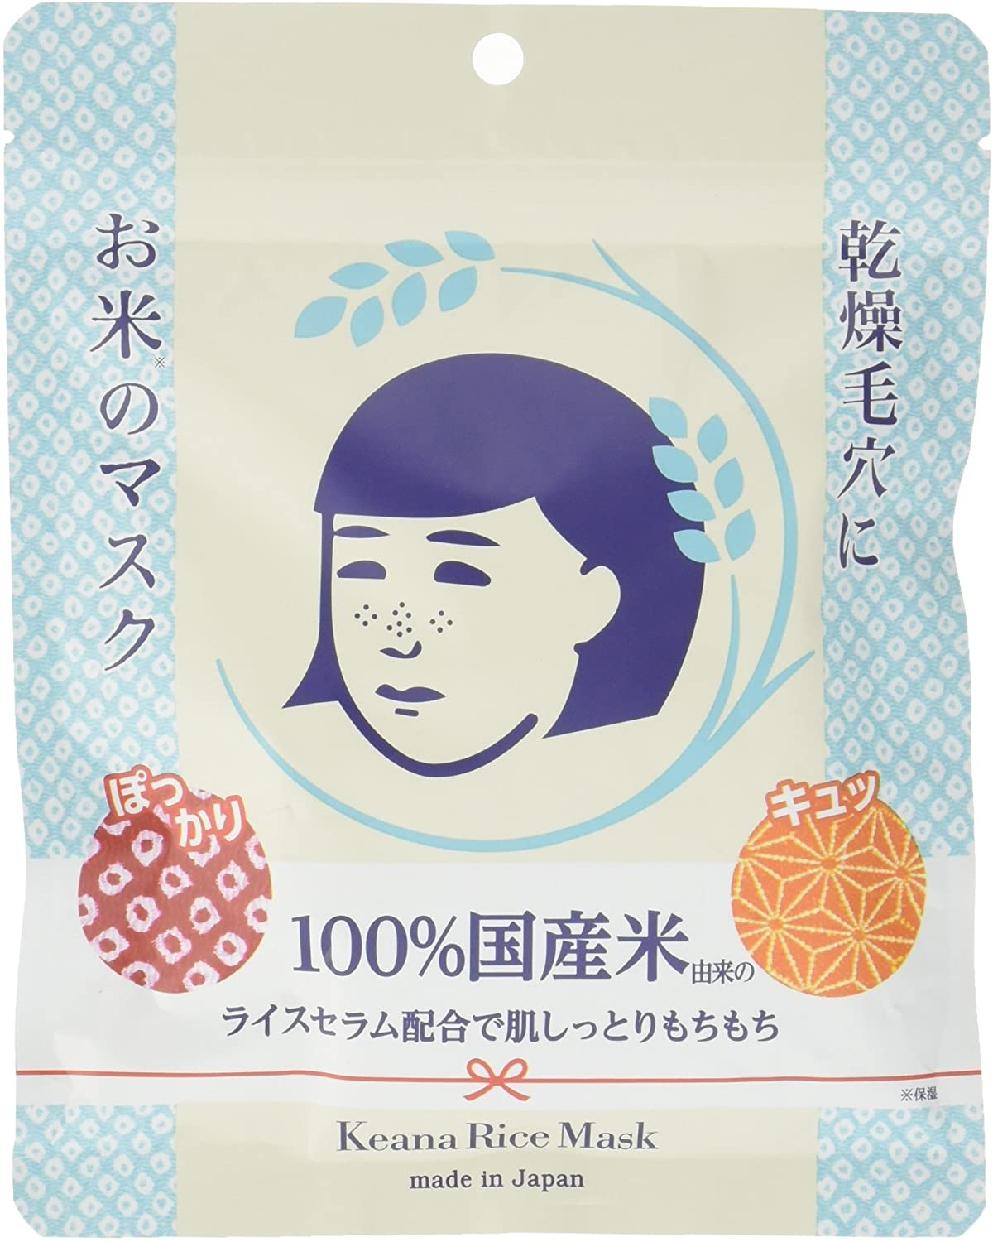 毛穴撫子(ケアナナデシコ) お米のマスク <シートマスク>の商品画像5